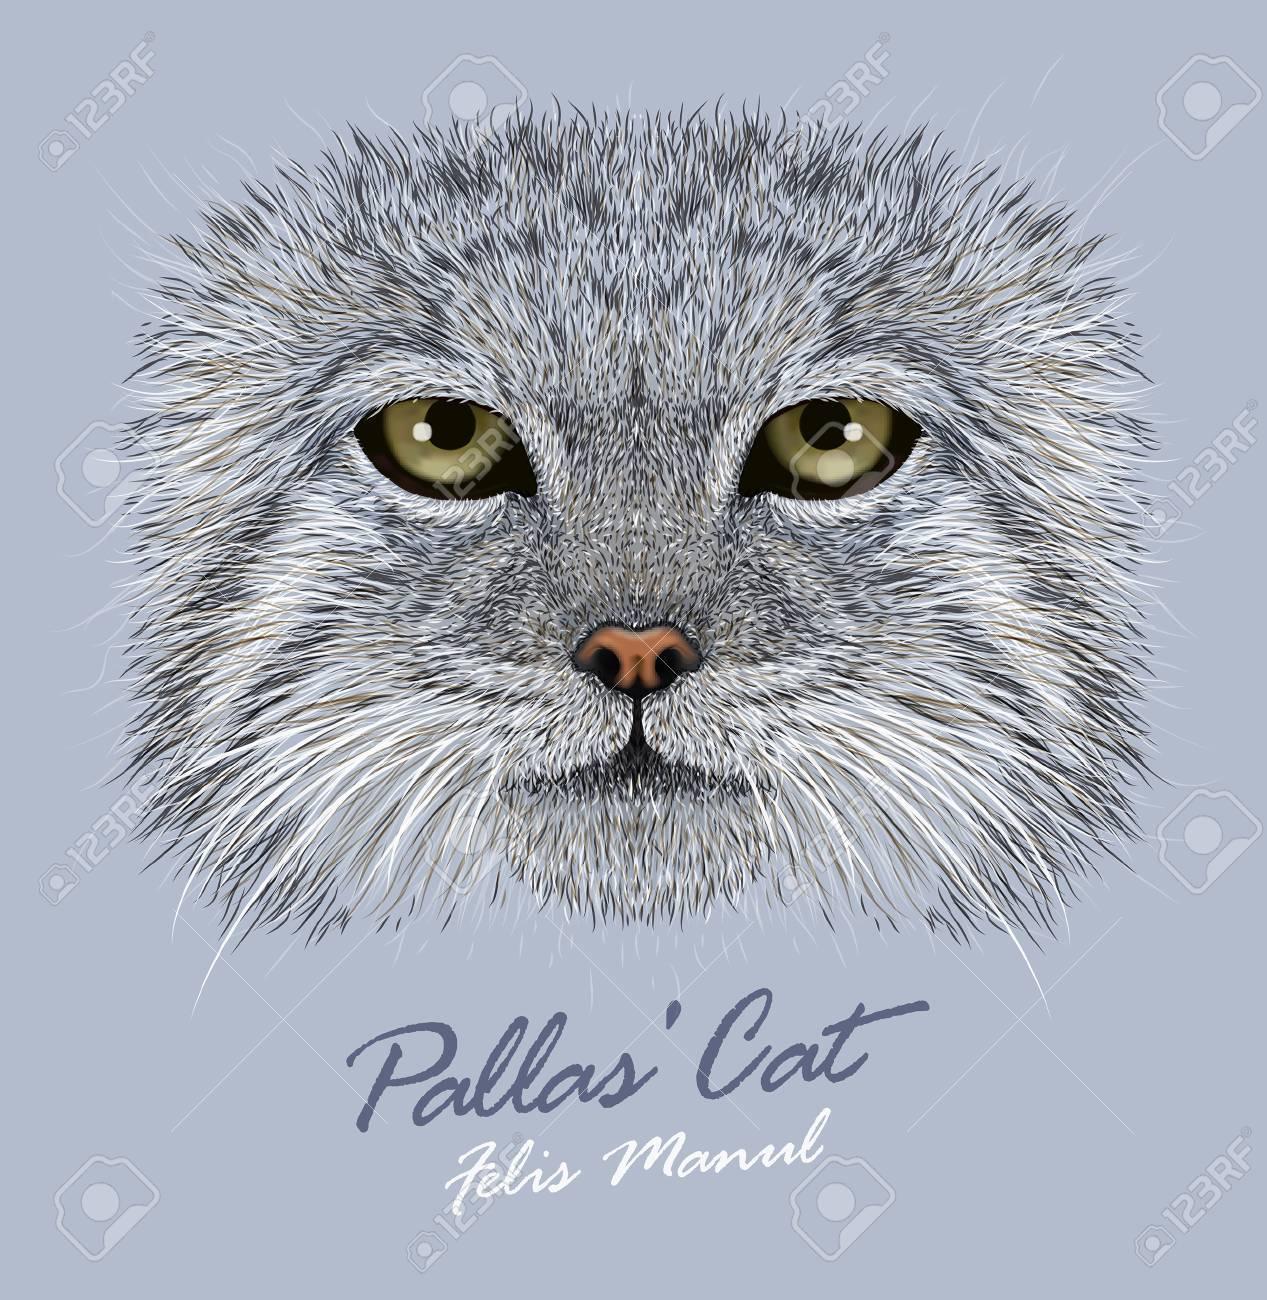 マヌルネコ猫のベクトルの肖像冬の Pallas 猫野生の猫のイラスト